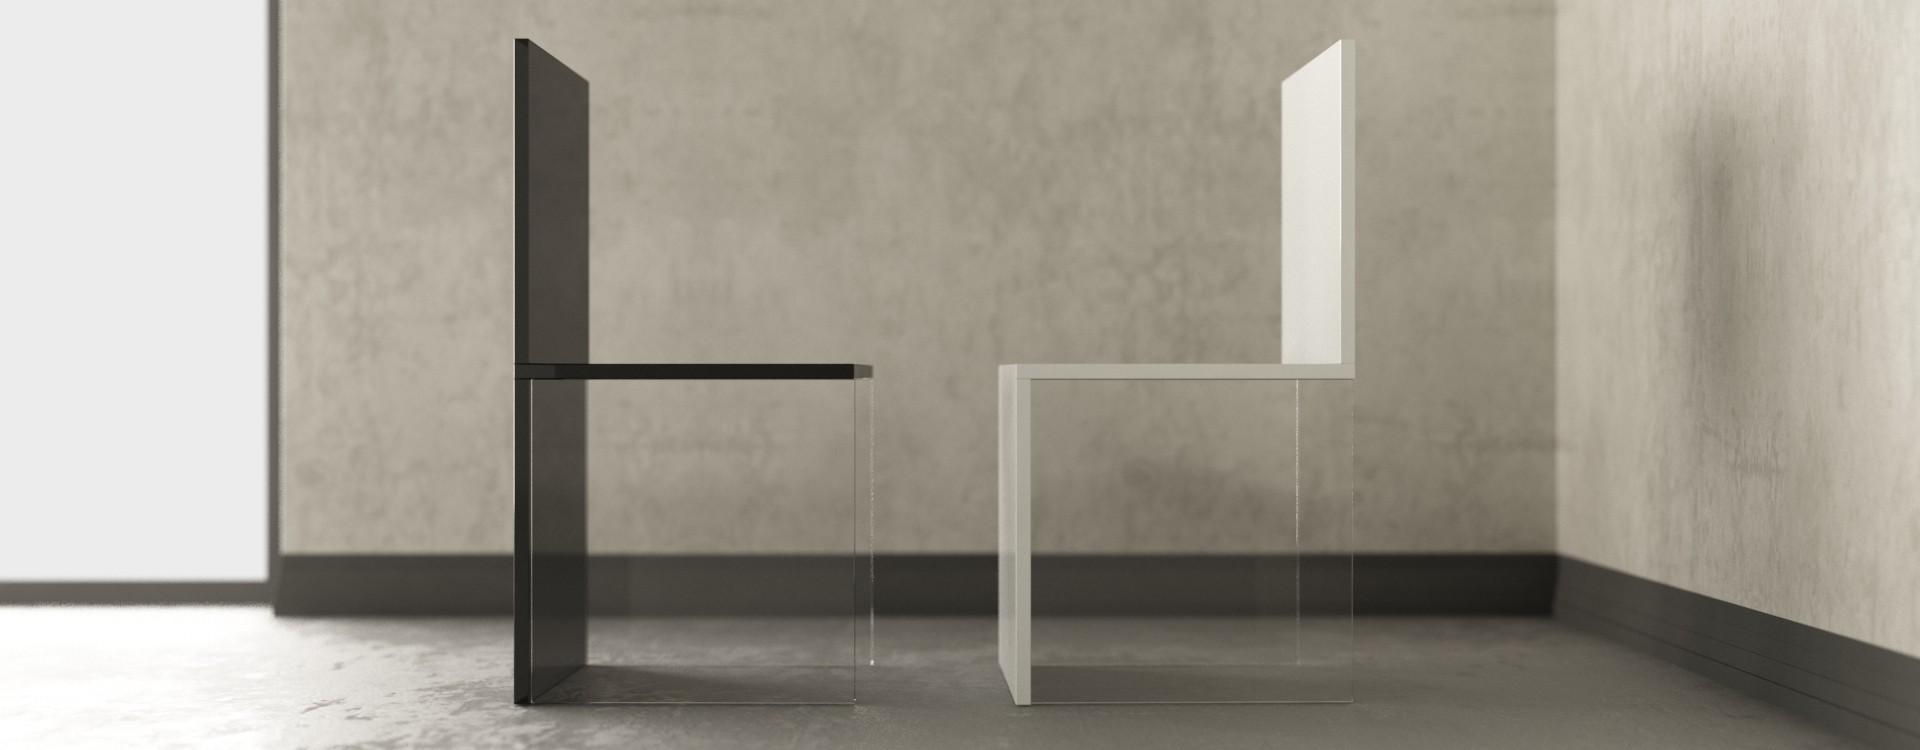 Sillas Magica y Magica2 / Davide Conti Design Studio, Courtesy of Davide Conti